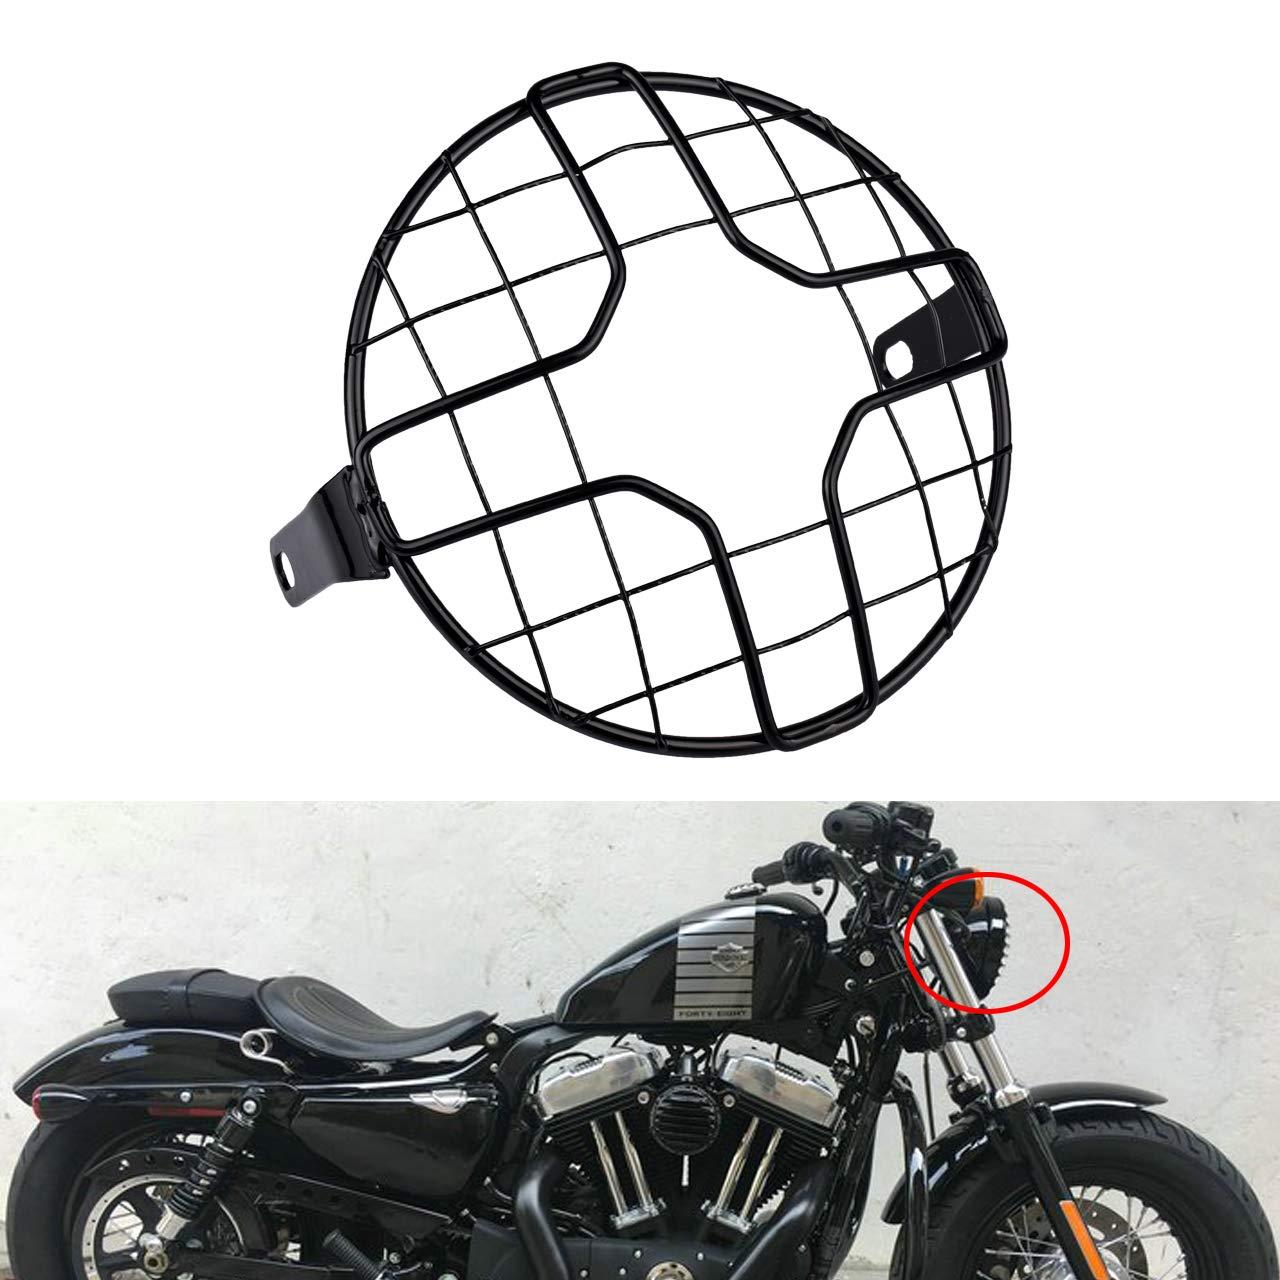 KaTur Universale 17,8/cm Moto Lampada Faro griglia Rete Mask Protector Guard Quadrato//Rhombus Cover